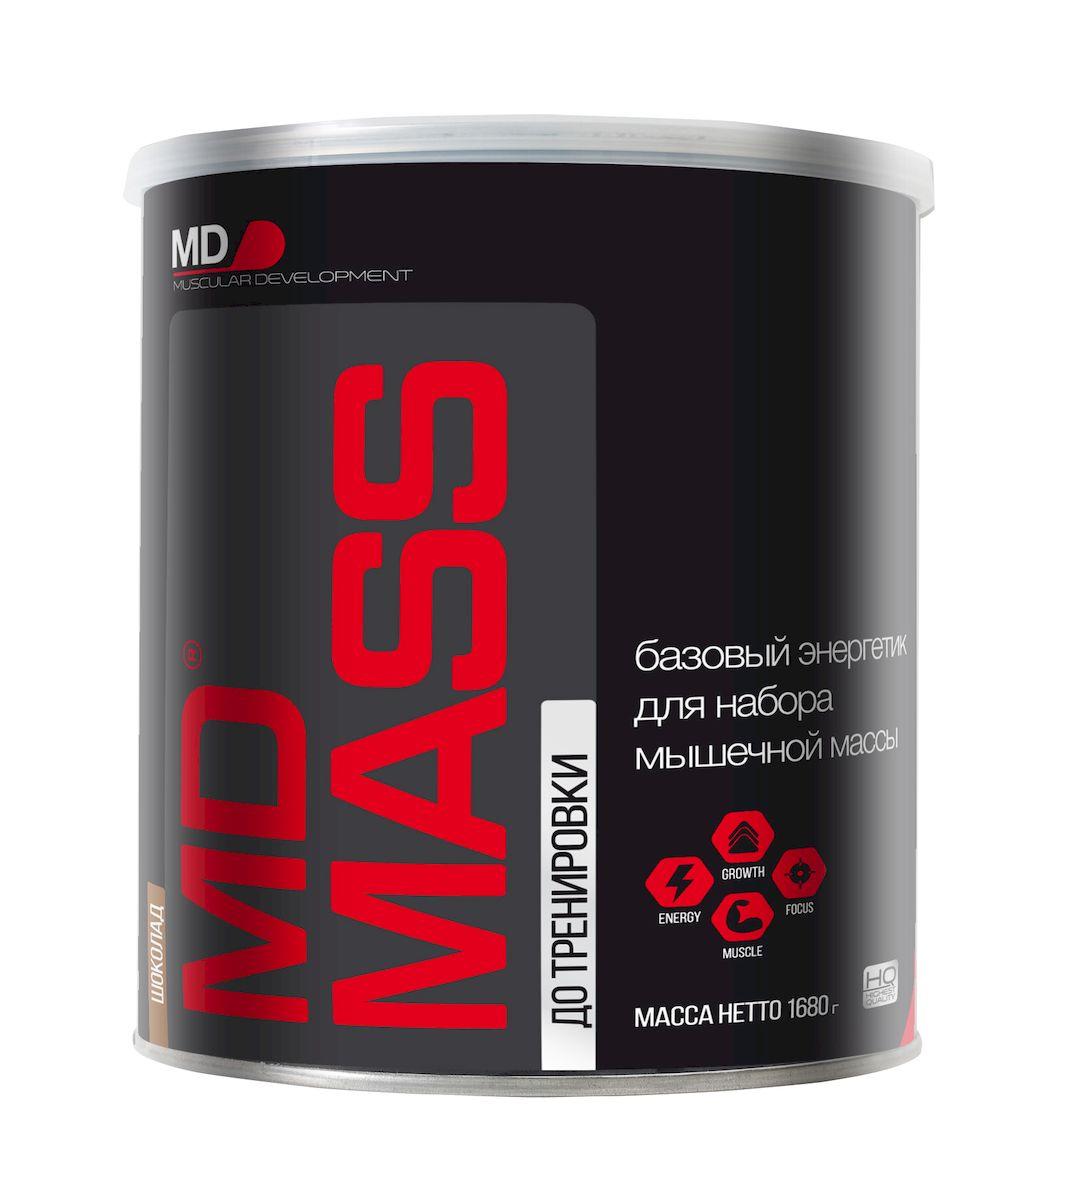 MD Энергетик Масс, 1,68 кг, шоколадный4650069827376Базовый энергетик для набора мышечной массы MD Mass – формула для интенсивного набора сухой мышечной массы. MD Mass включает: Комплекс казеинатов молока, соевого и сывороточного белков, позволяющий сбалансировать аминокислотный профиль; смесь углеводов с пролонгированным временем расщепления; комплекс десяти витаминов; легкое смешивание без миксера; Состав: Белок 19 г на 10 столовых ложек (120г) с 400 мл воды, 31 г на 10 столовых ложек (120 г) с 400 мл 3% молока, углеводы 90 г на 10 столовых ложек (120г) с 400 мл воды, 109 г на 10 столовых ложек (120 г) с 400 мл 3% молока, Жир 4,2 г на 10 столовых ложек (120г) с 400 мл воды, 7,4 г 10 столовых ложек (120 г) с 400 мл 3% молока, калории 474 ккал на 10 столовых ложек (120г) с 400 мл воды, 707 ккал 10 столовых ложек (120 г) с 400 мл 3% молока, кальций 0,51 г на 10 столовых ложек (120г) с 400 мл воды, 0,87 г на 10 столовых ложек (120 г) с 400 мл 3% молока, магний 0,08 г на 10 столовых ложек (120г) с 400 мл воды, 0,13 г на 10 столовых...